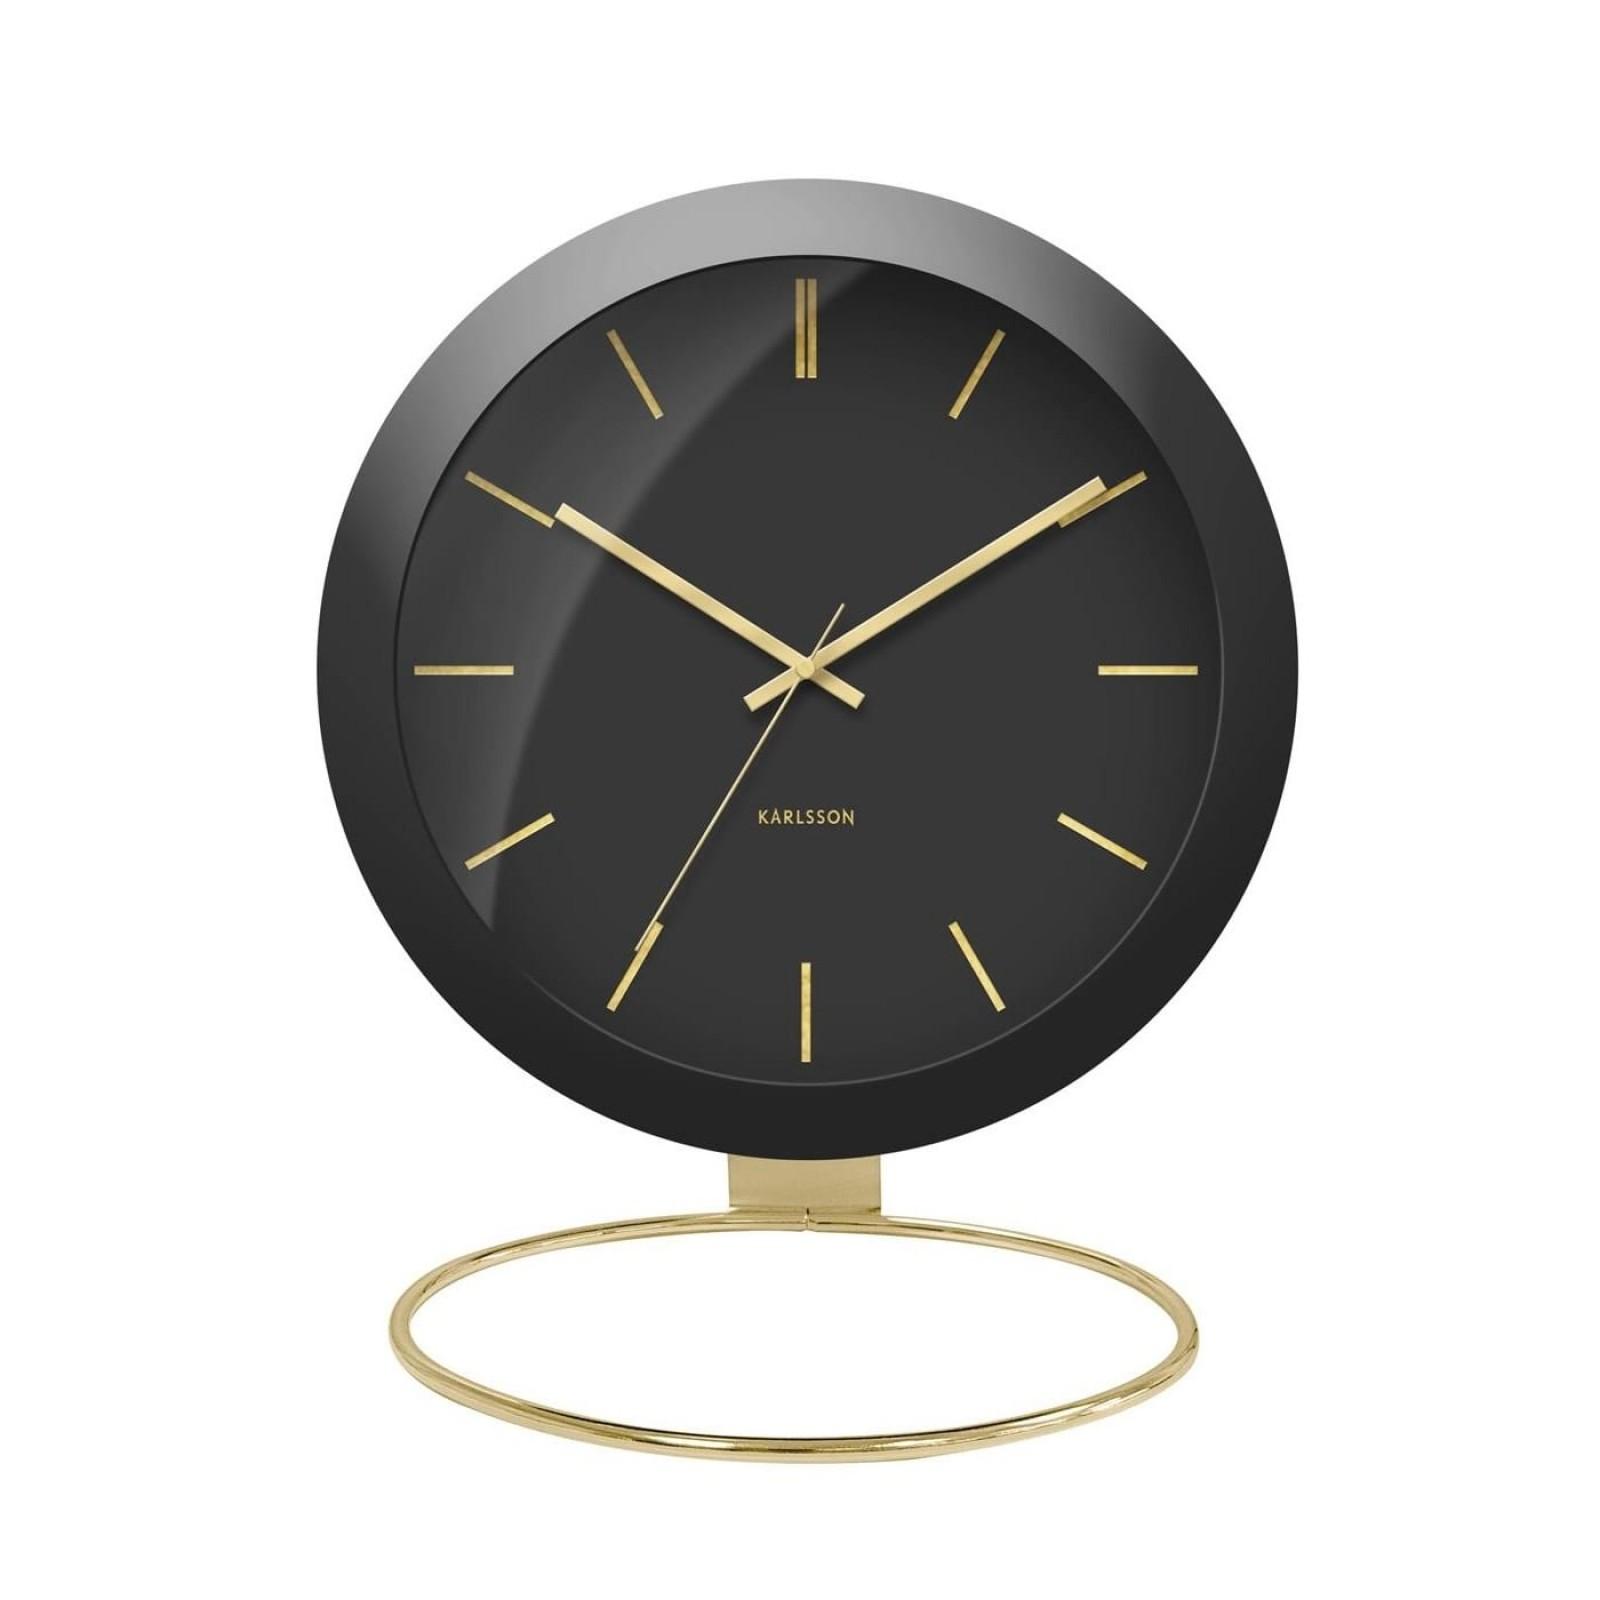 Επιτραπέζιο / Επιτοίχιο Ρολόι Globe (Μαύρο) - Karlsson